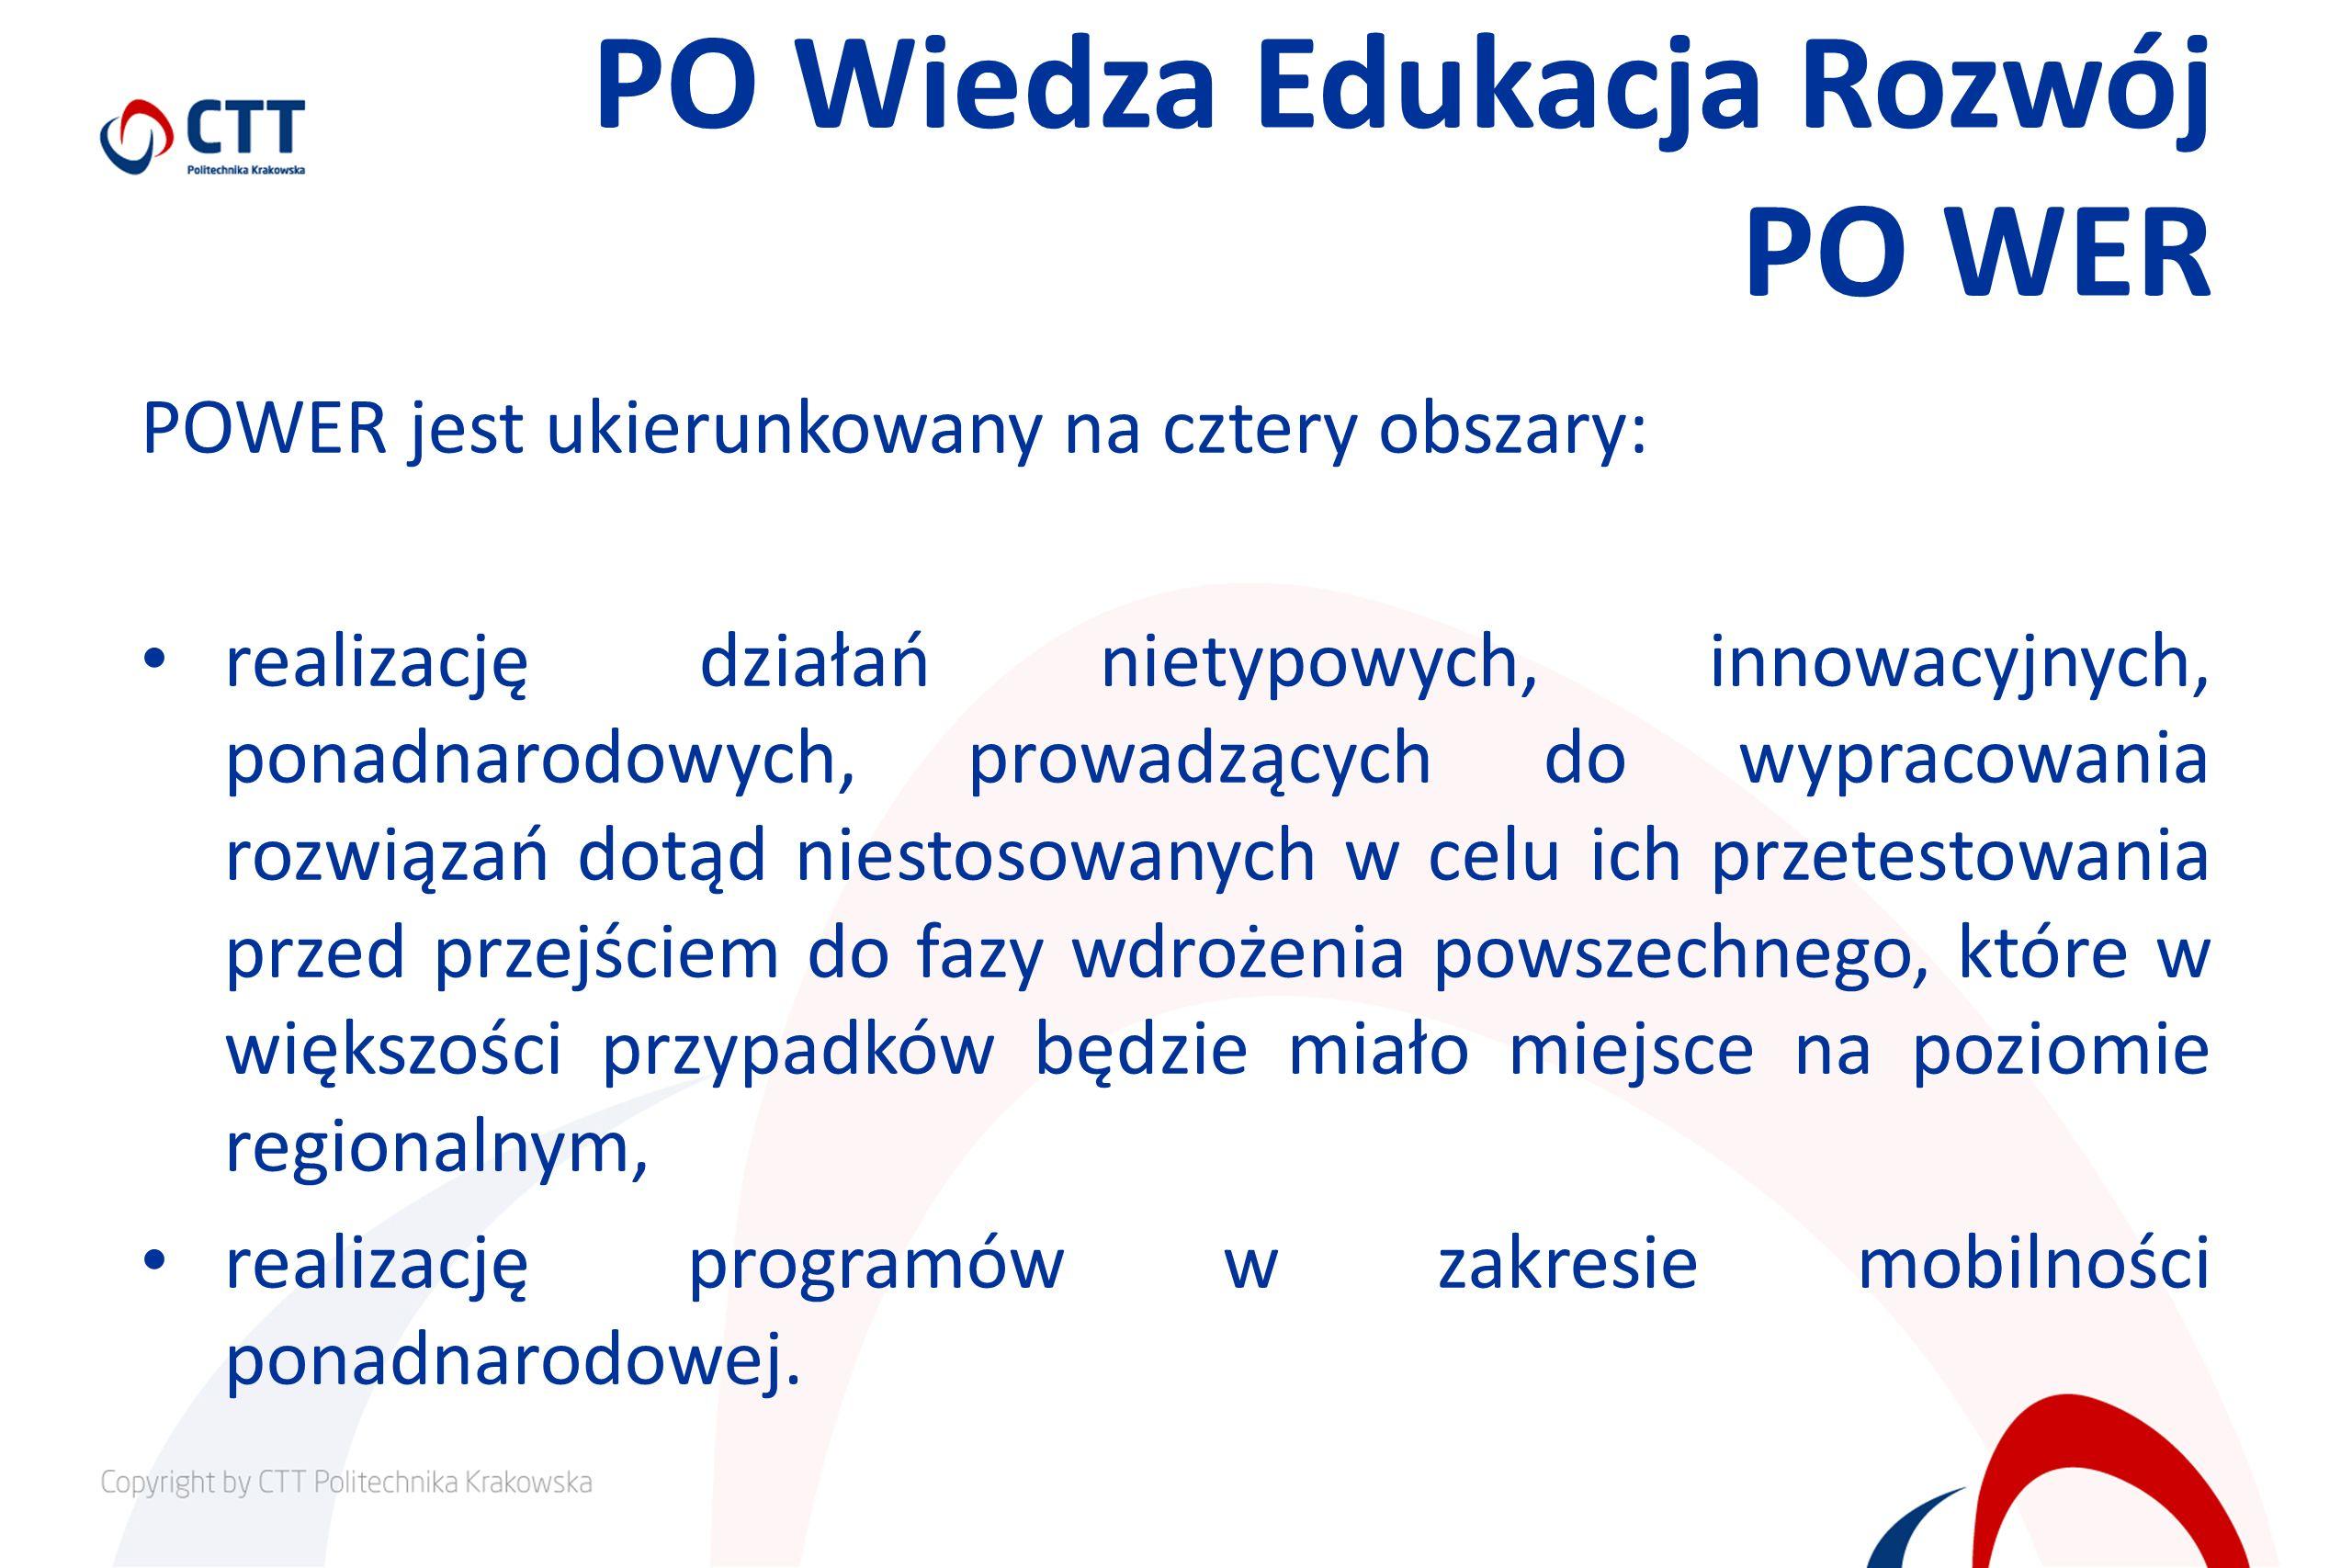 PO Wiedza Edukacja Rozwój PO WER